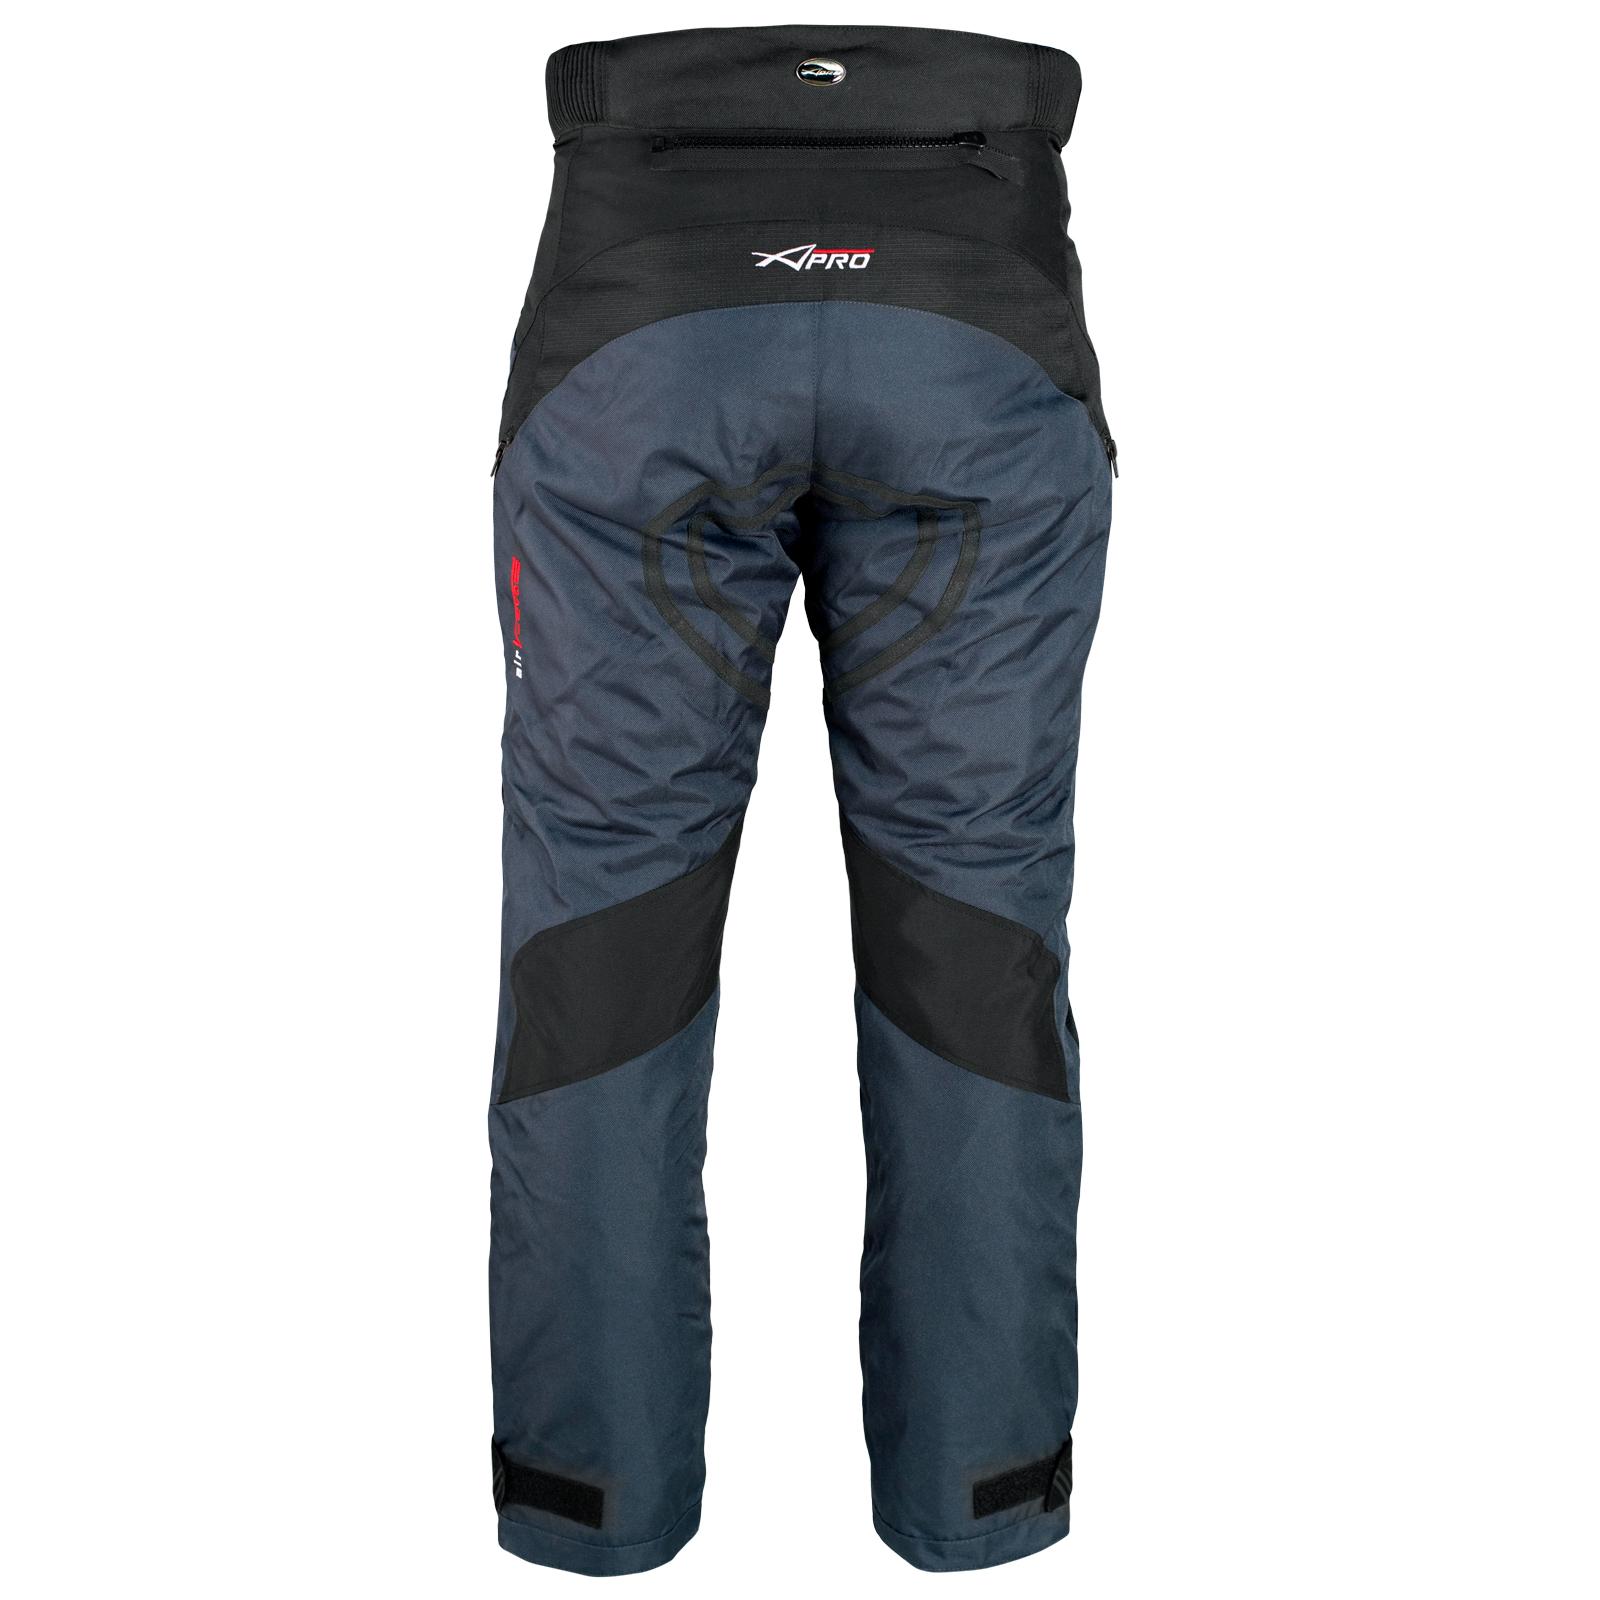 Pantalon-Impermeable-Homme-Protections-CE-Thermique-Motard-Reflechissant-Moto miniature 9